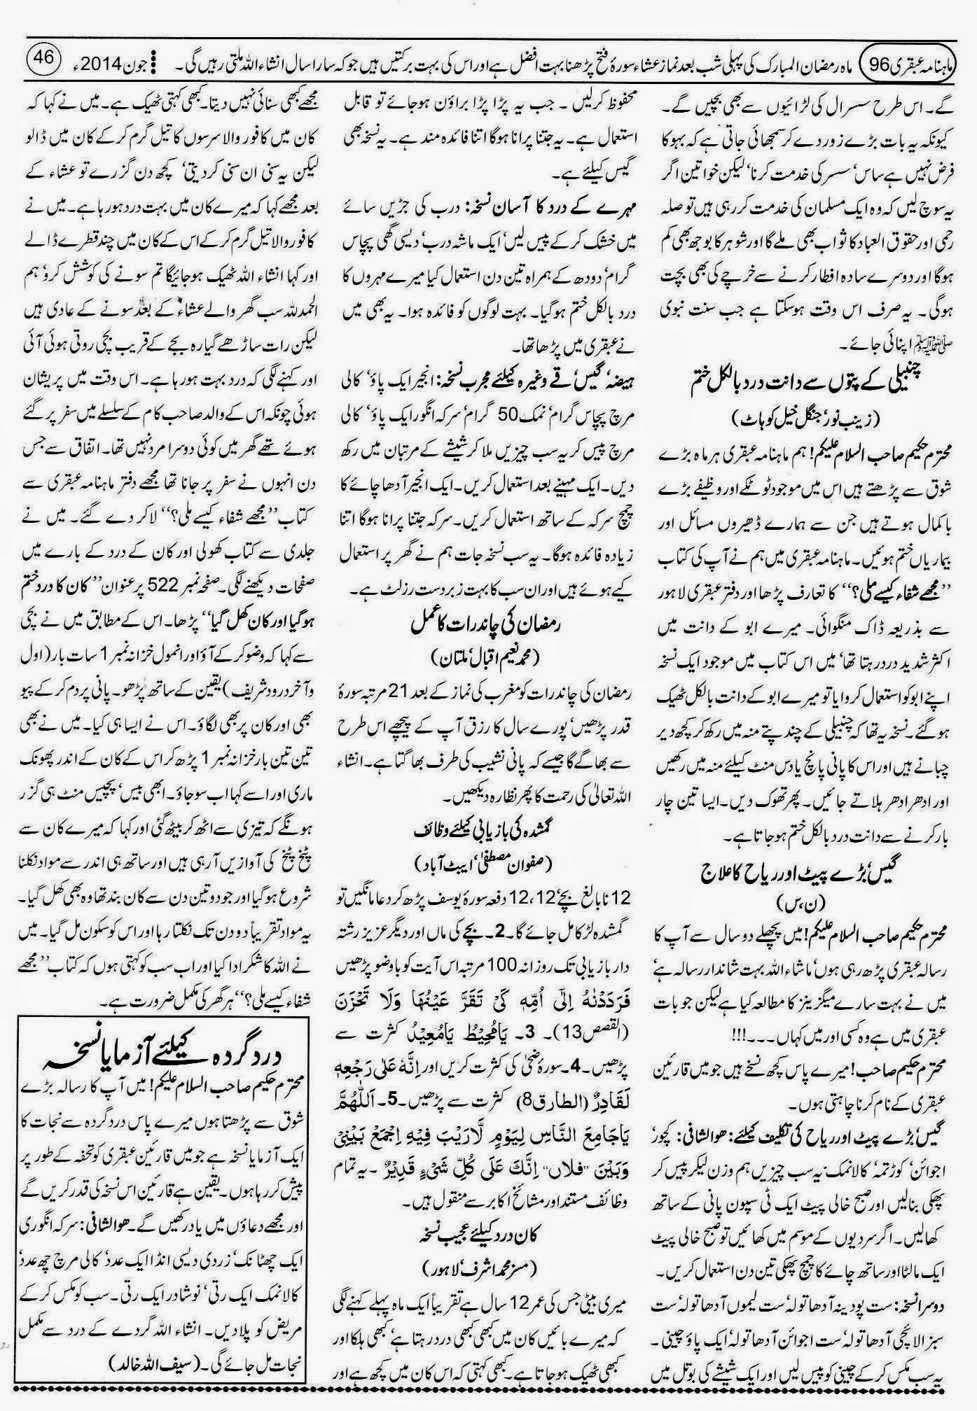 ubqari june 2014 page 46